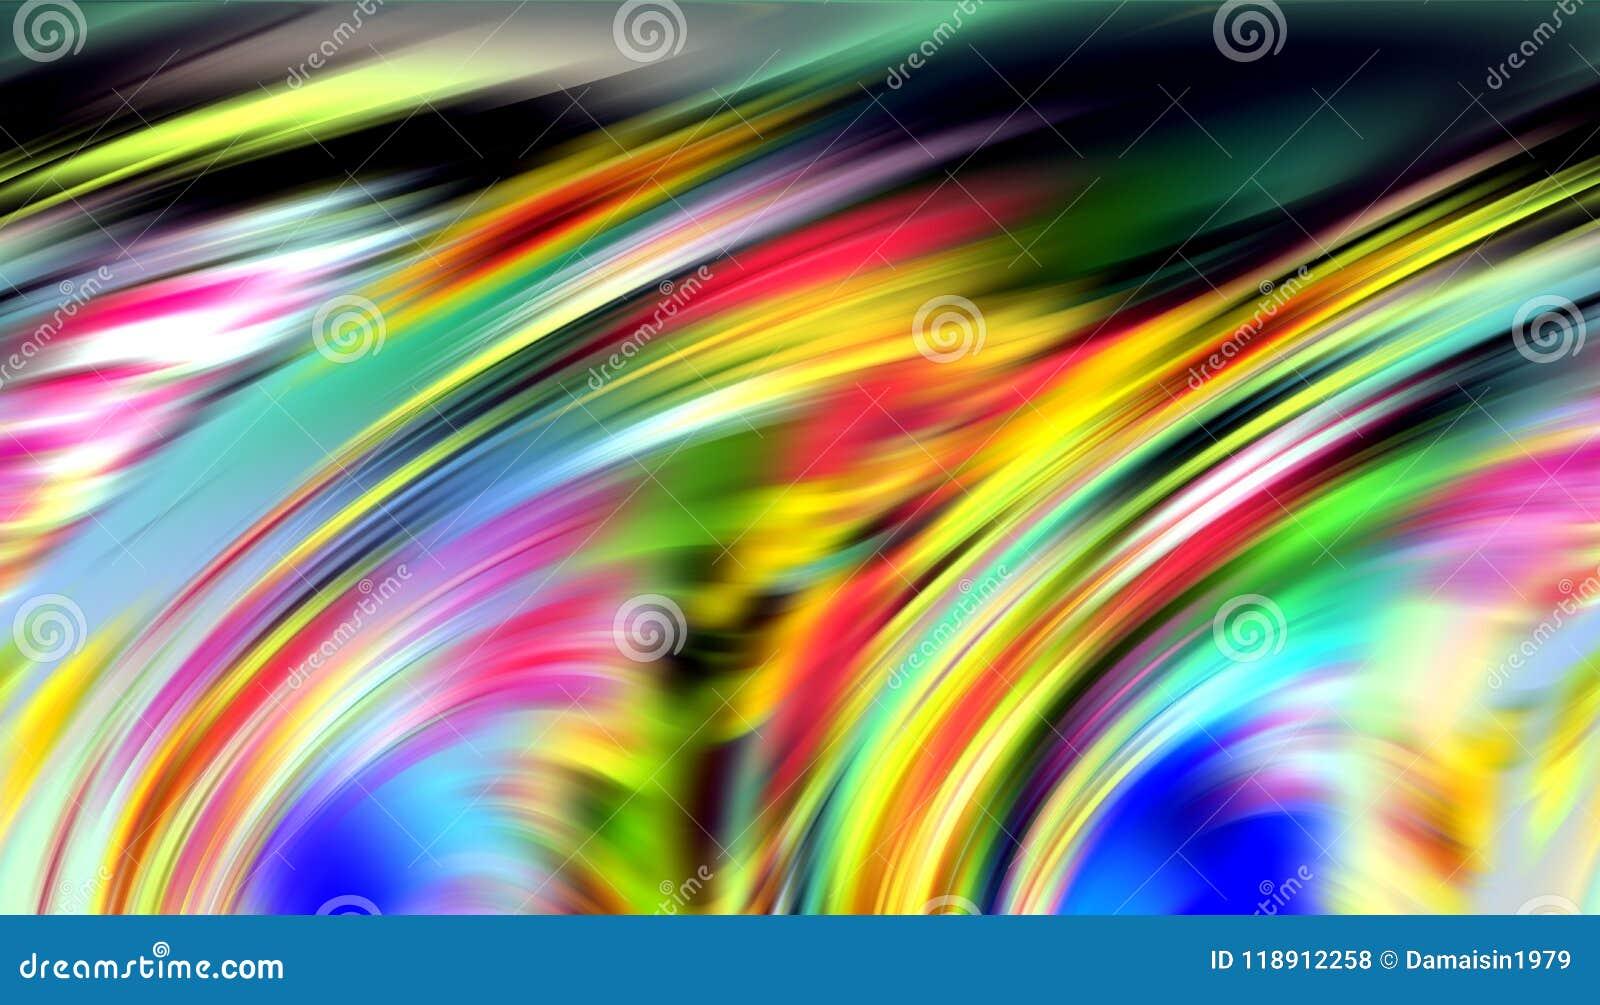 Linee allegre fondo nelle tonalità variopinte, fondo astratto, fantasia